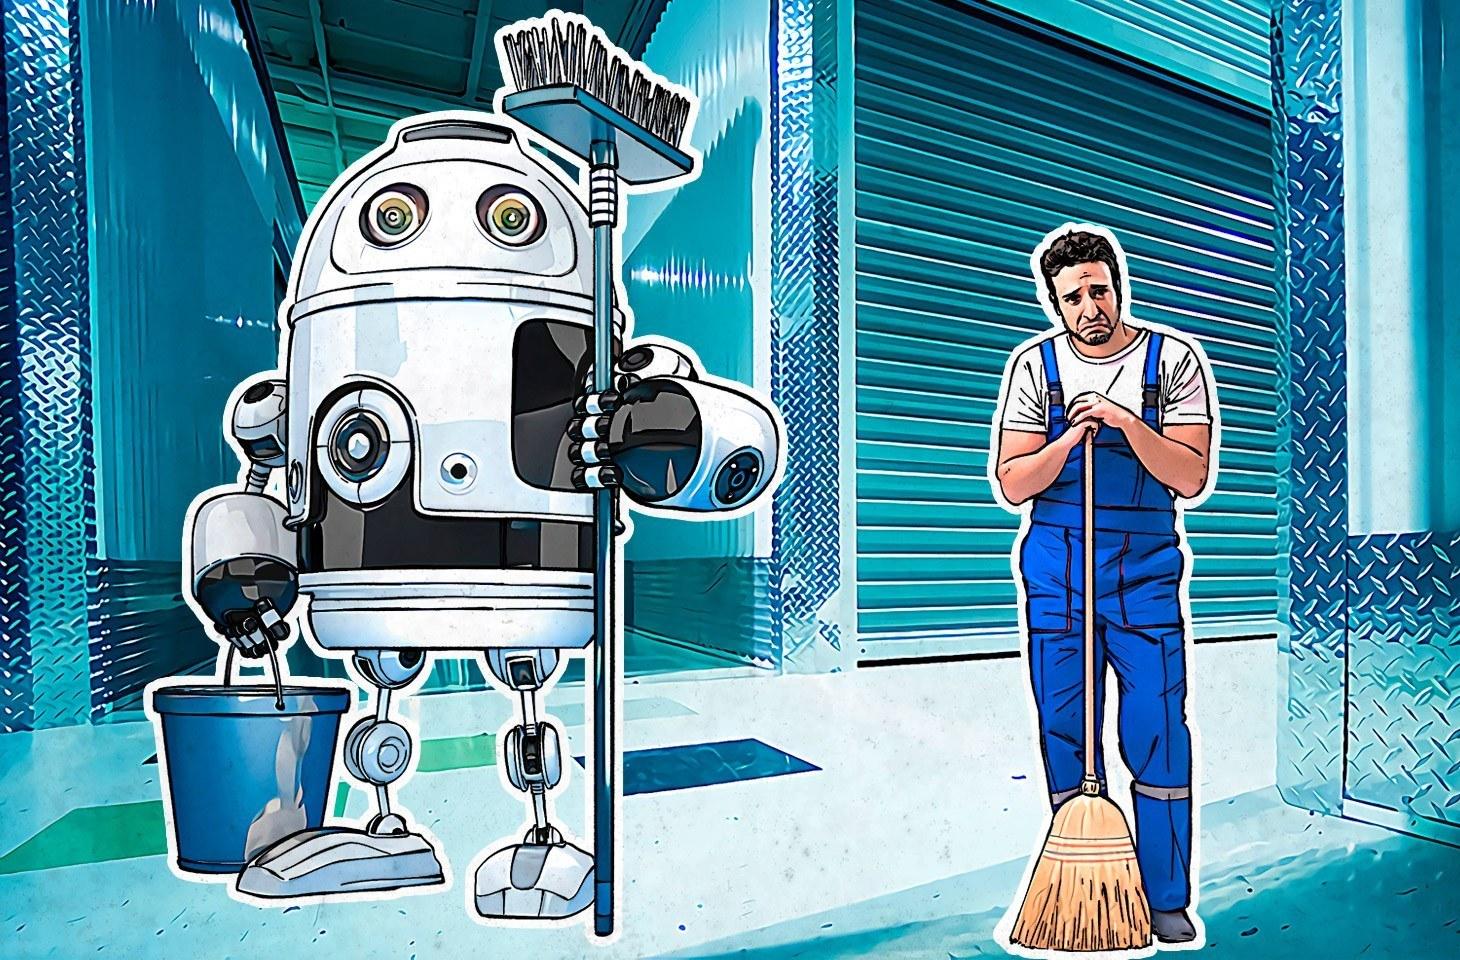 kaspersky quels boulots les robots pourront faire a notre place - Kaspersky: Quels boulots les robots pourront faire à notre place ?